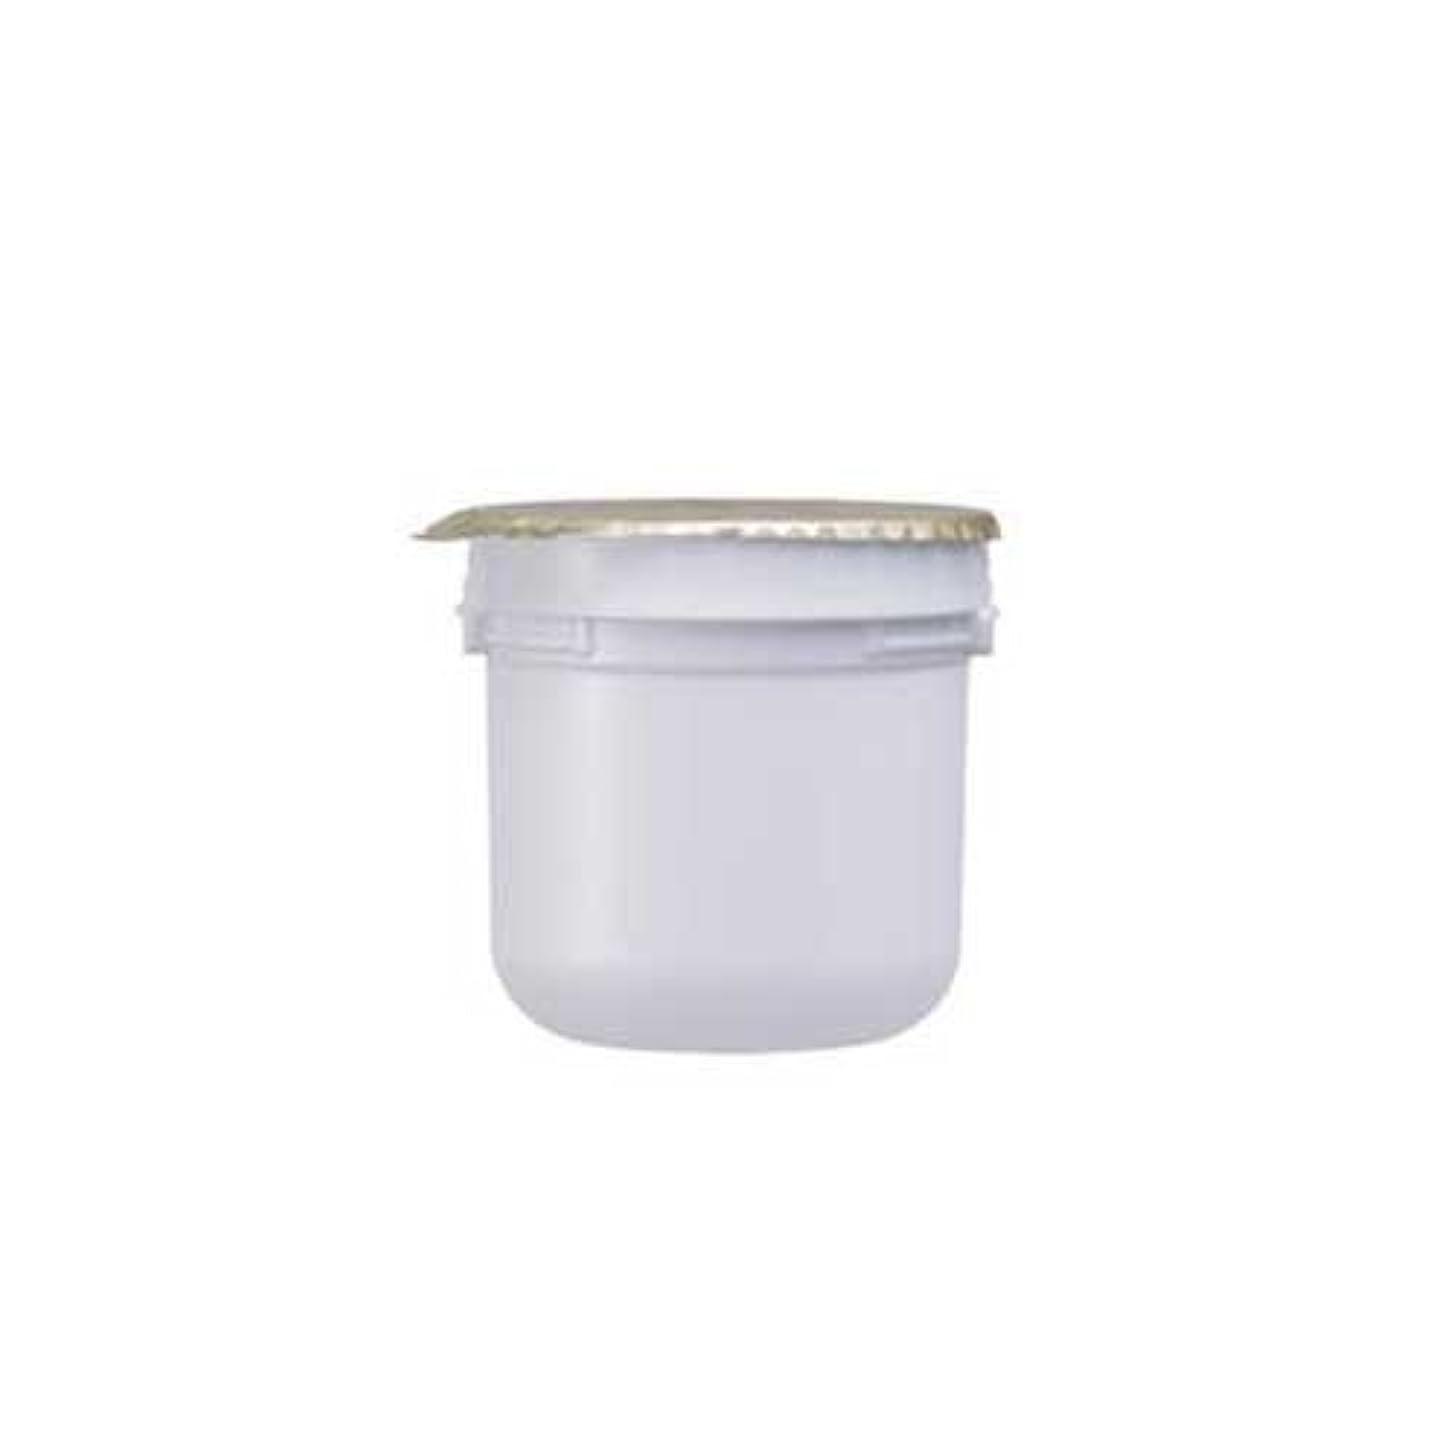 構成員バインド献身ASTALIFT(アスタリフト) ホワイト クリーム(美白クリーム)レフィル 30g